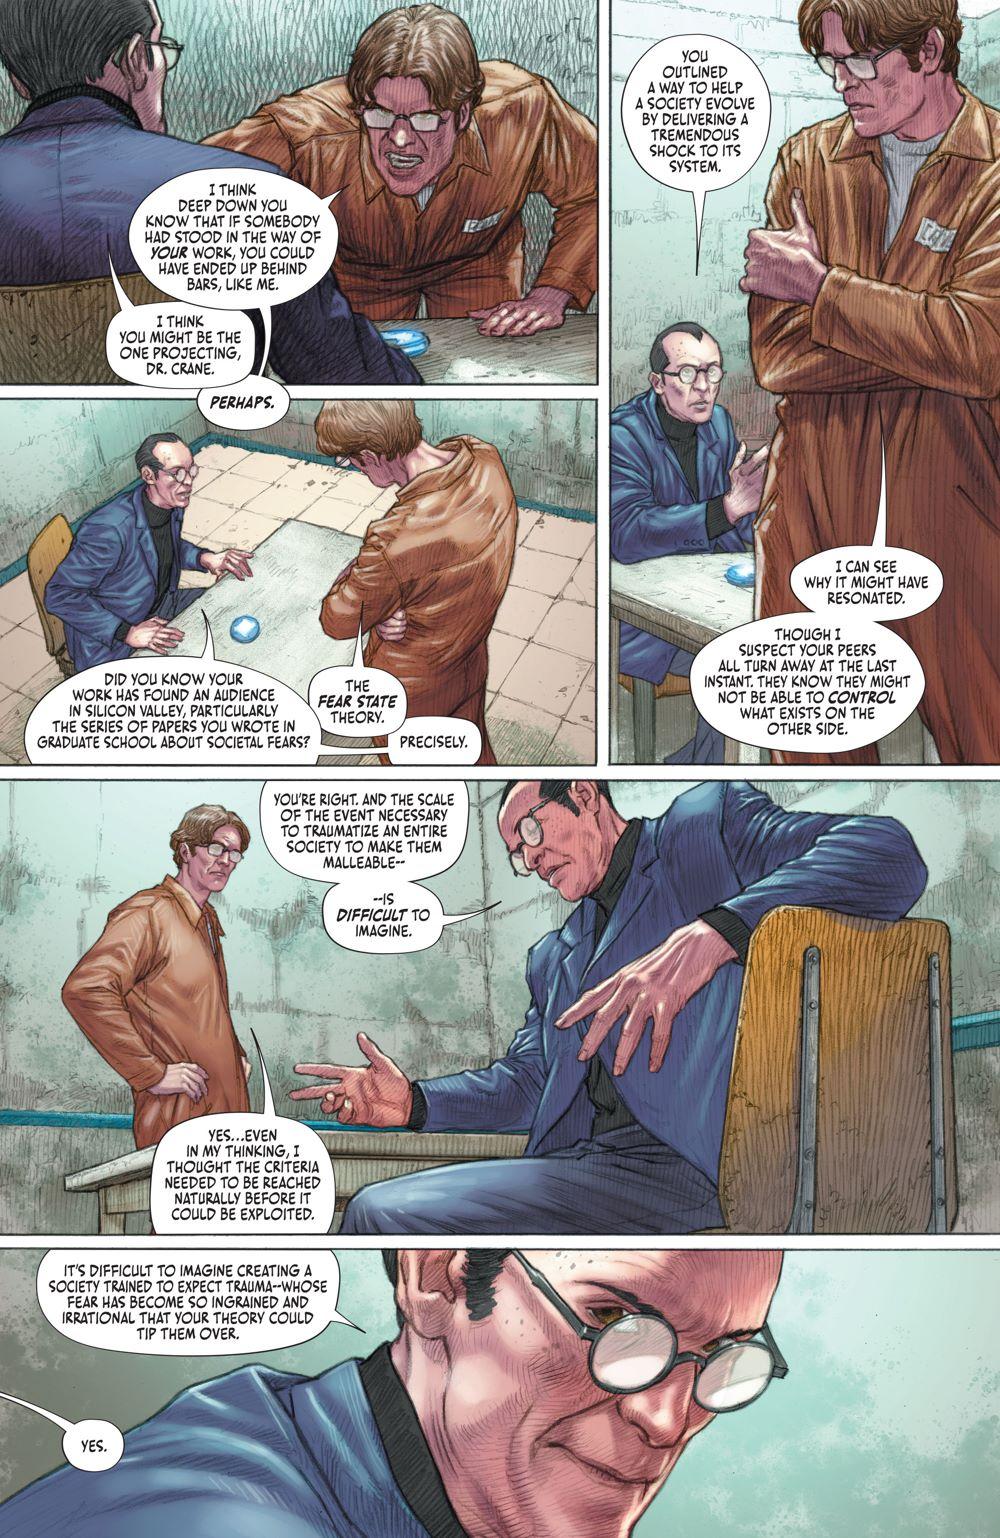 Batman-Fear-State-Alpha-1-6_6128529dea5d43.42174255 ComicList Previews: BATMAN FEAR STATE ALPHA #1